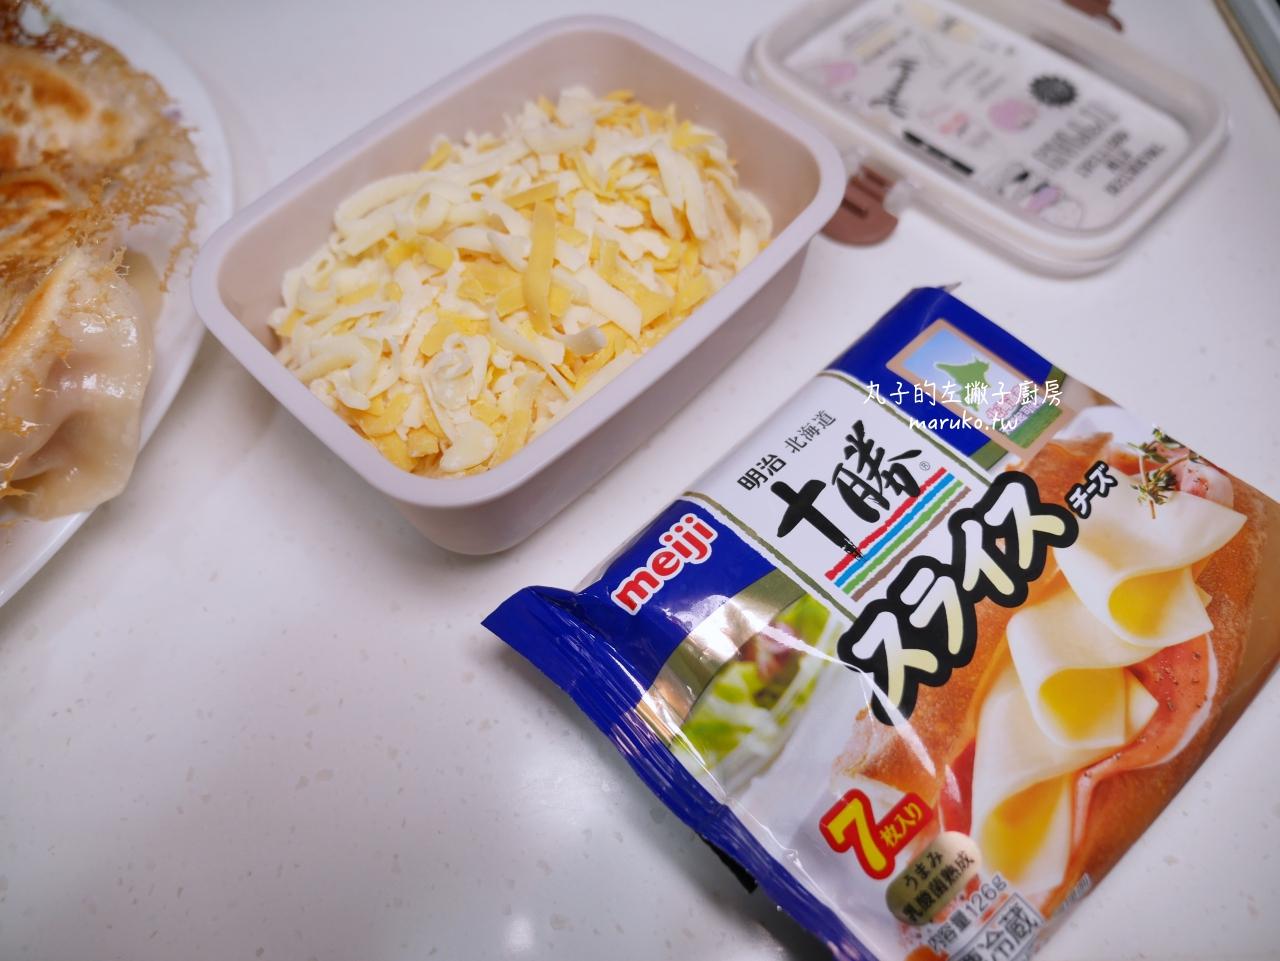 【食譜】起司煎餃 水餃的百種創意吃法 這樣做更香脆 @Maruko與美食有個約會